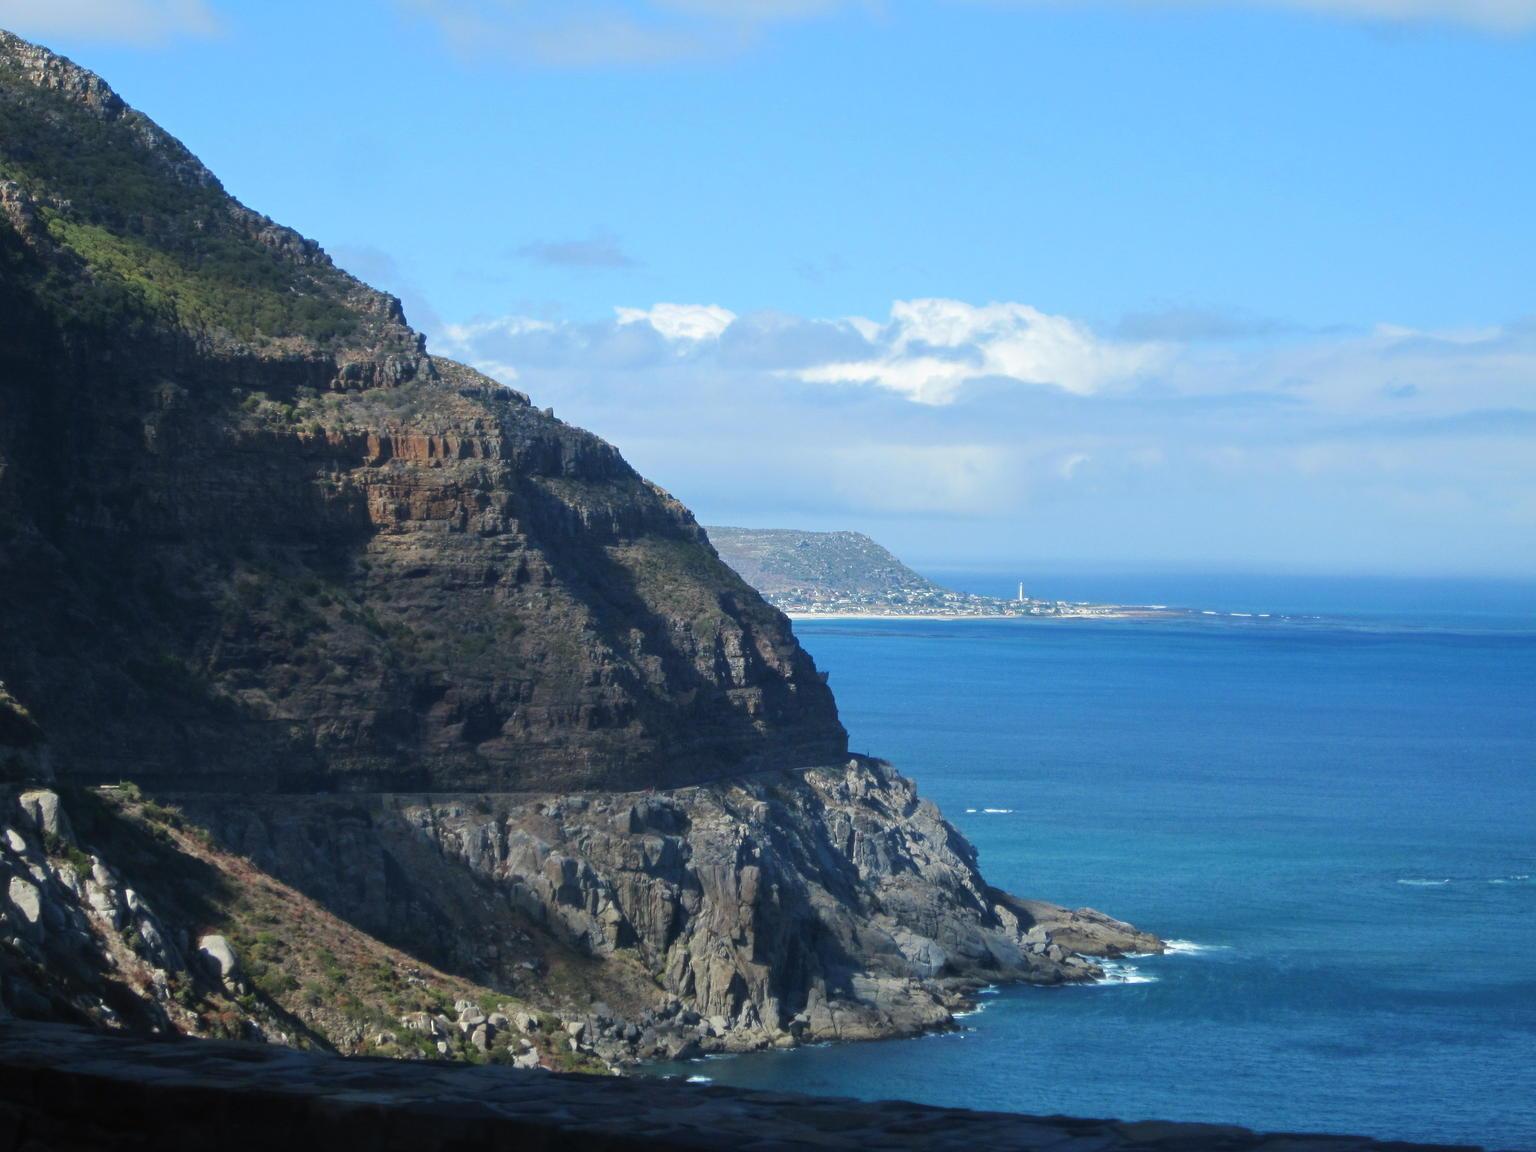 MAIS FOTOS, Pacote supereconômico da Cidade do Cabo: excursão pelos pontos turísticos de Cape Point e degustação de vinhos em Stellenbosch